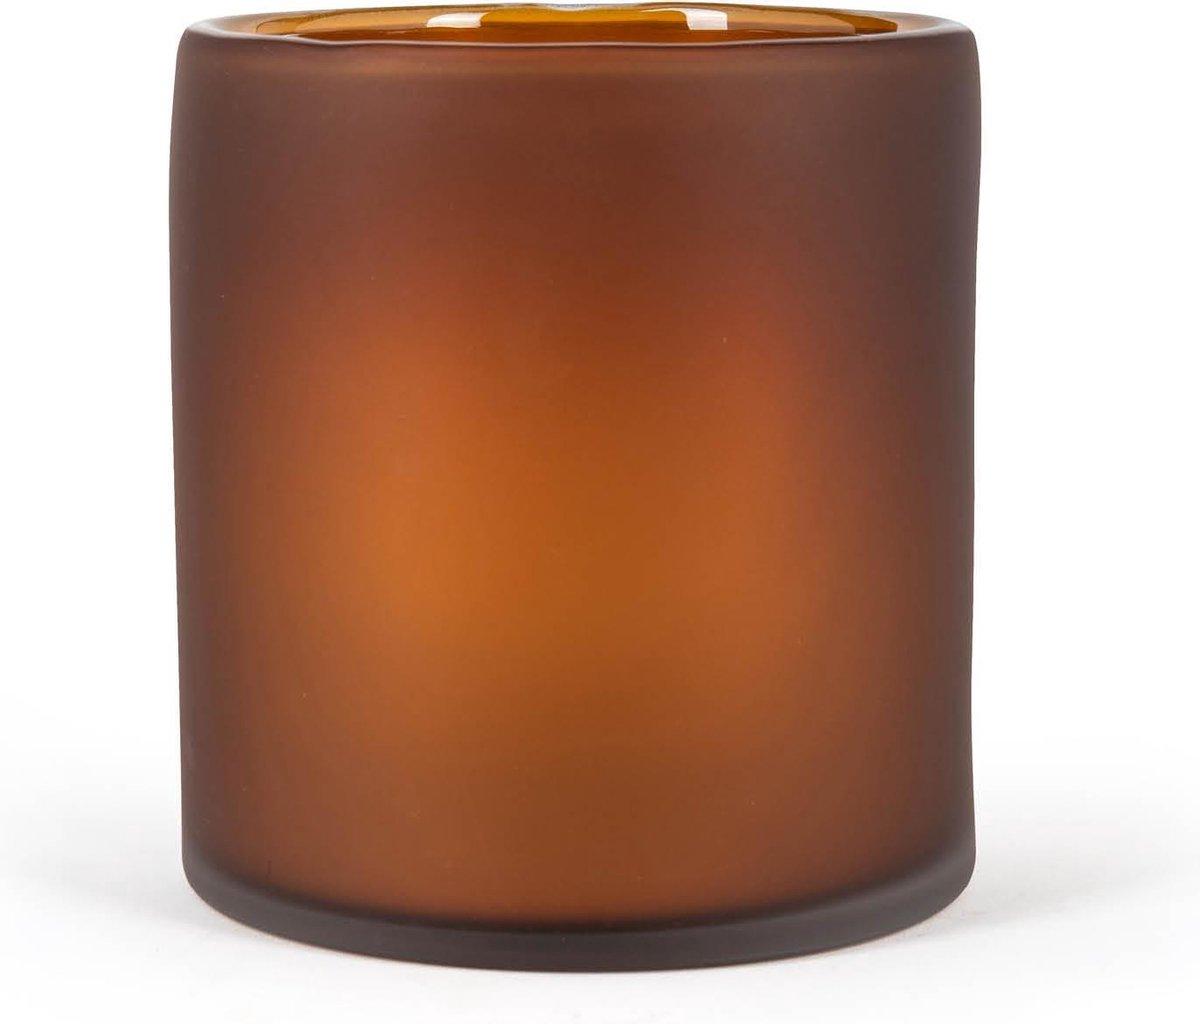 Fidrio Design vaas Cilinder frosted Amber glas, mondgeblazen diameter 18 cm hoogte 20 cm online kopen